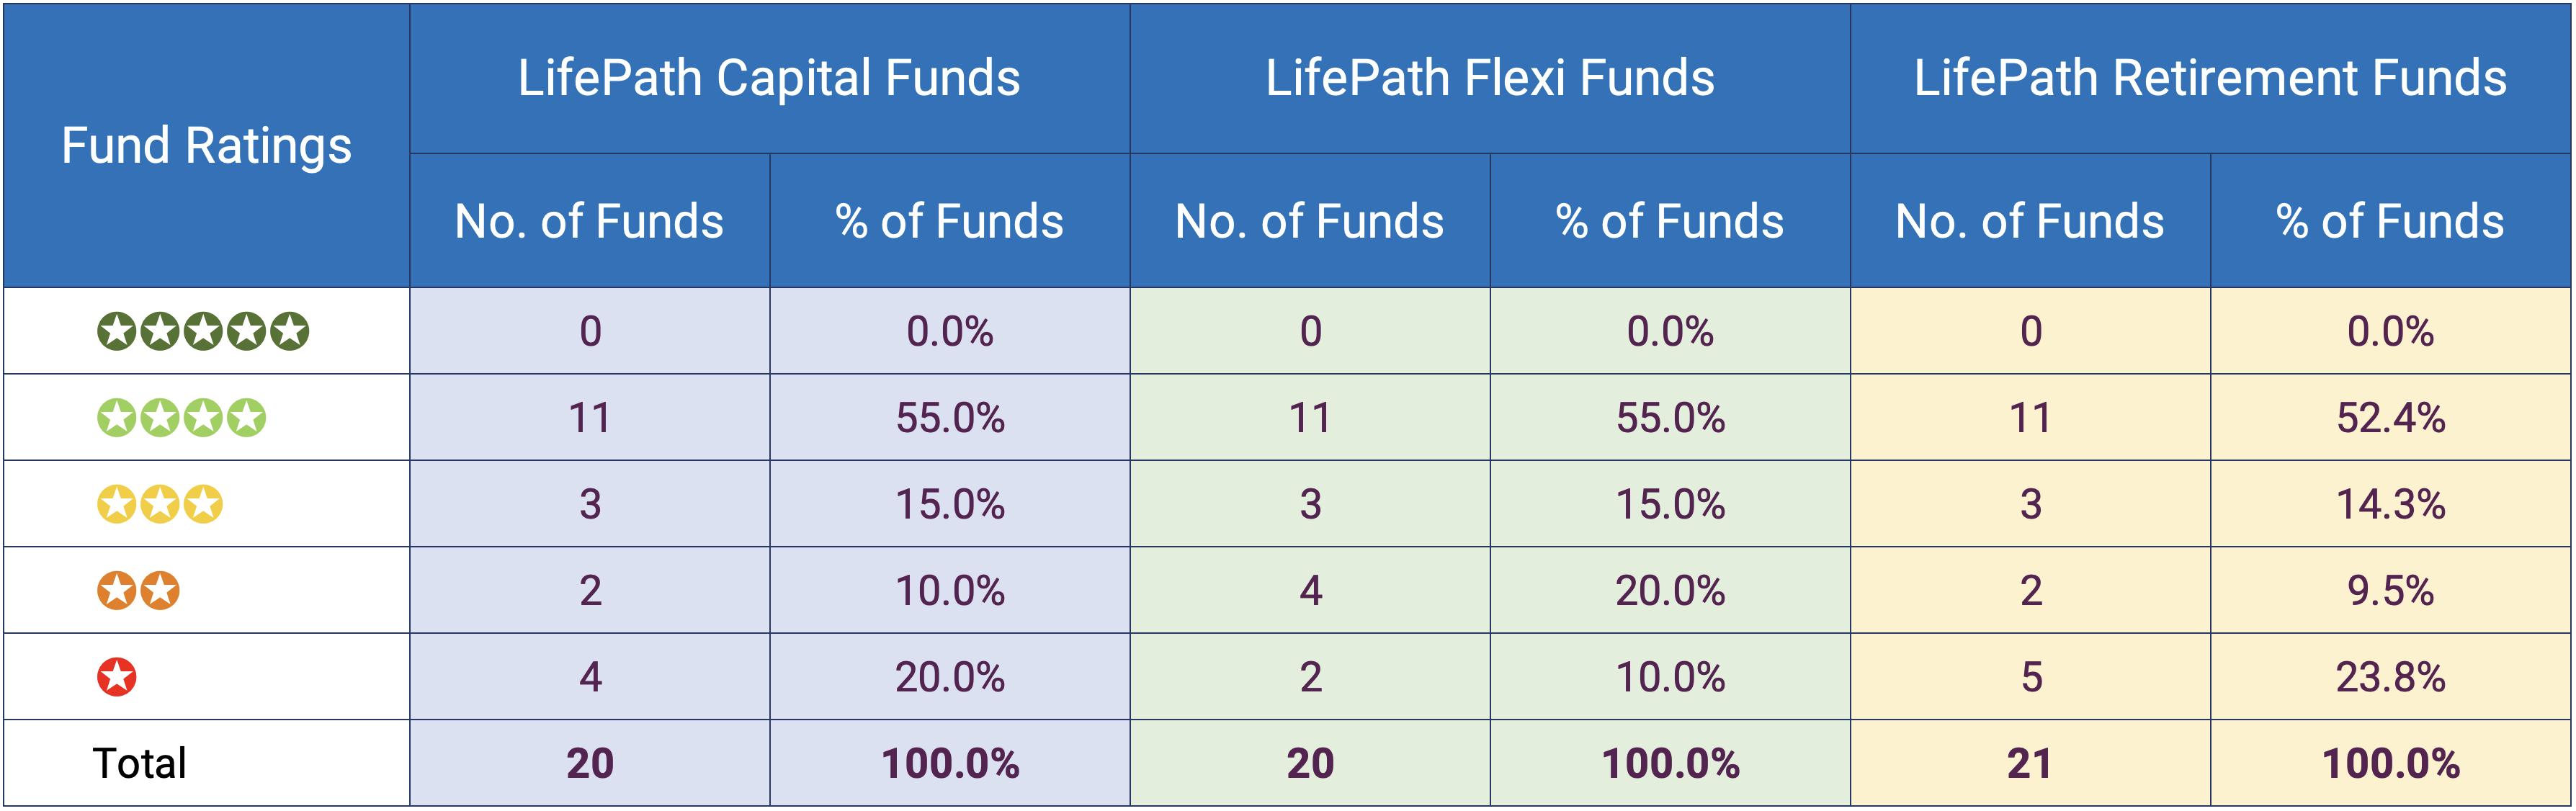 Aegon LifePath Performance Summary